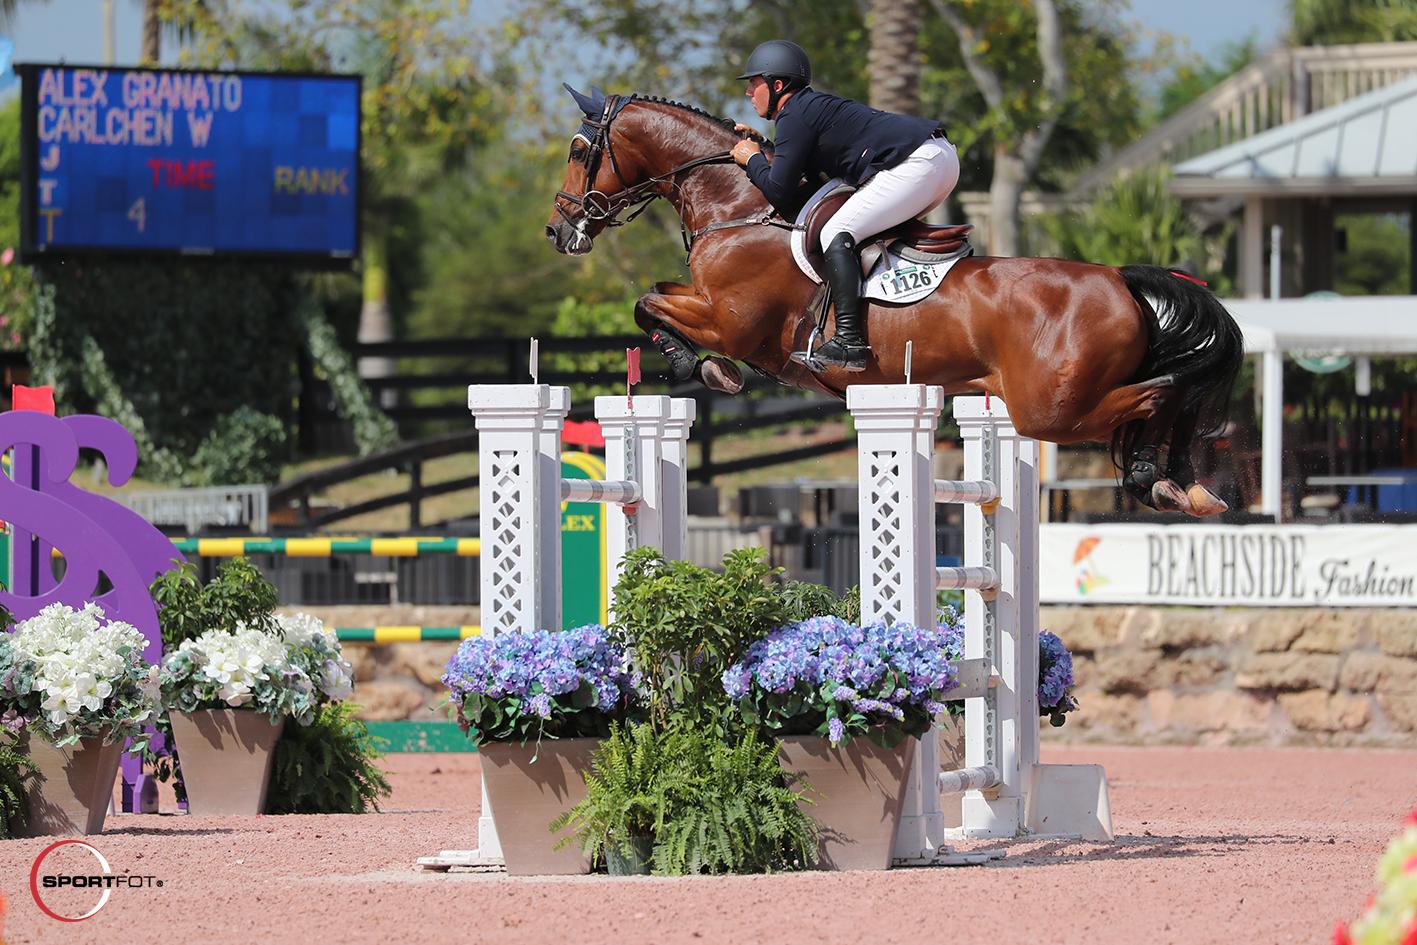 Alex Granato and Carlchen W 313_8639 Sportfot